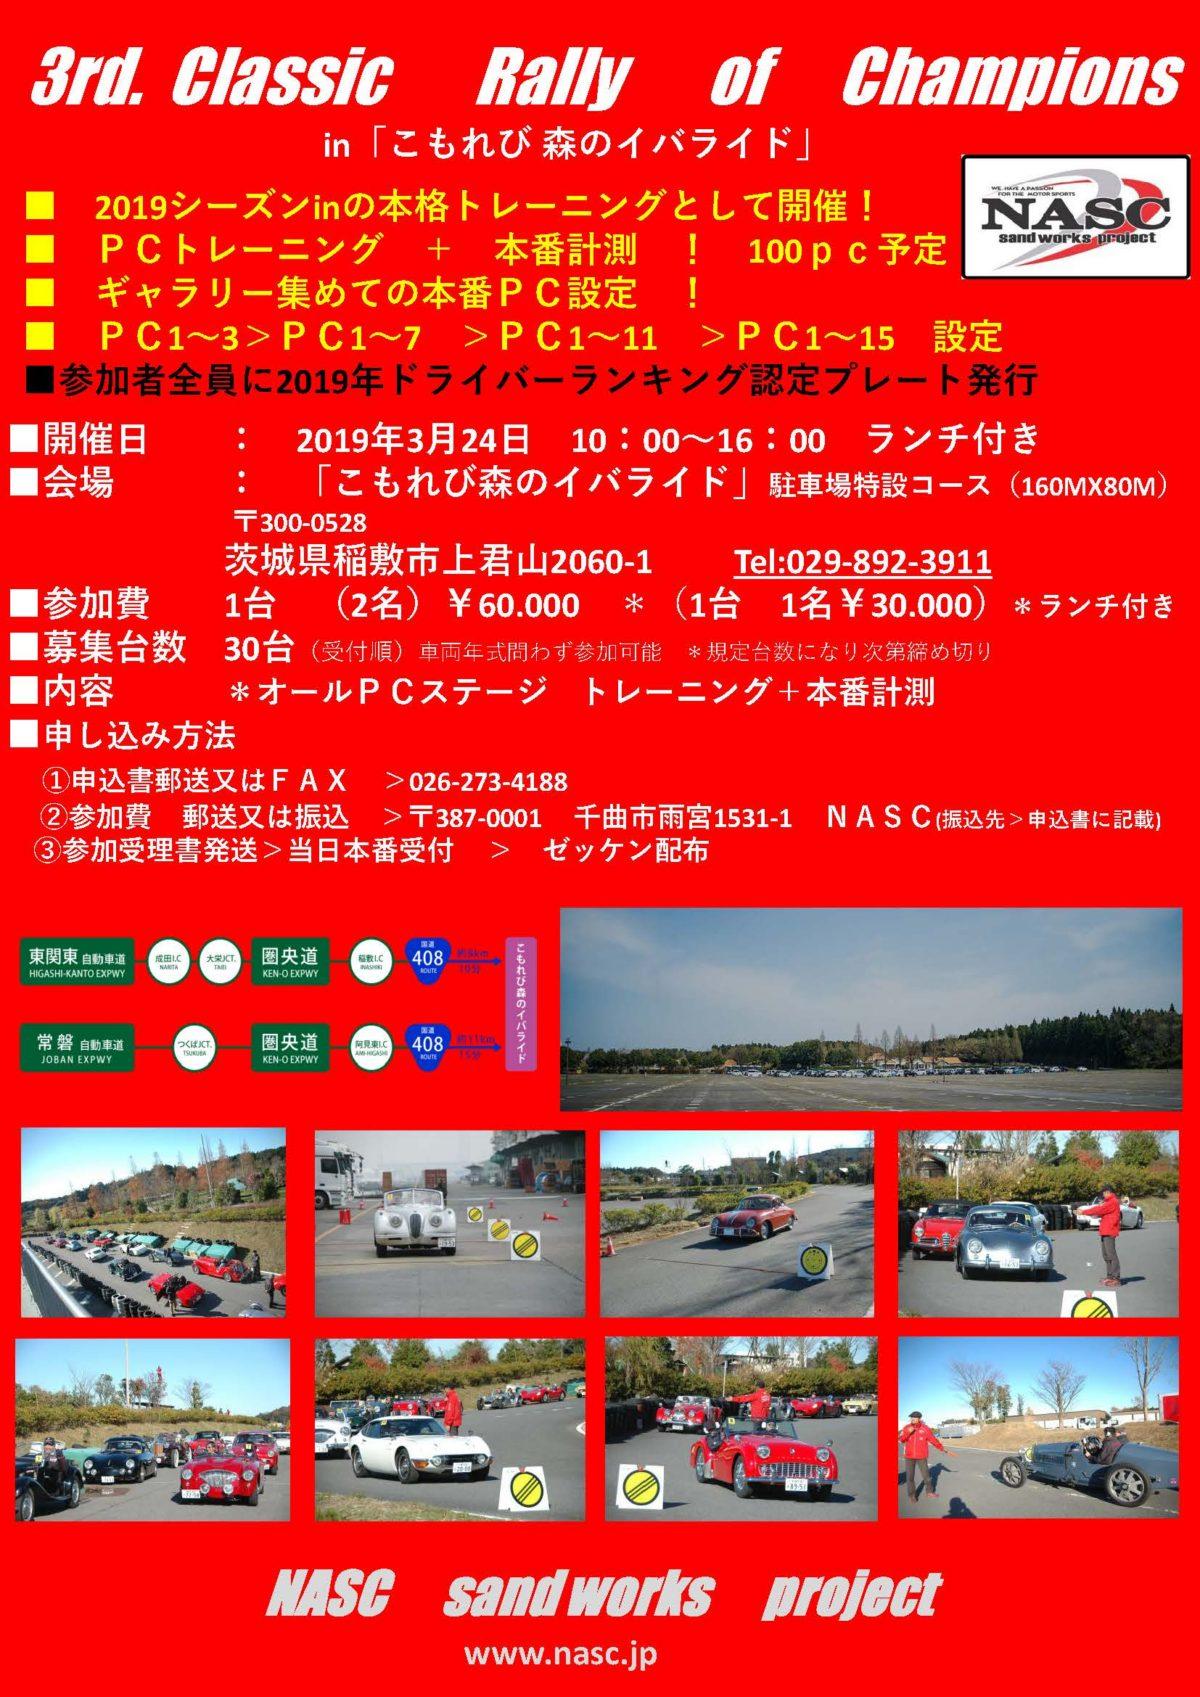 3rd. Classic Rally of Champions in「こもれび 森のイバライド」